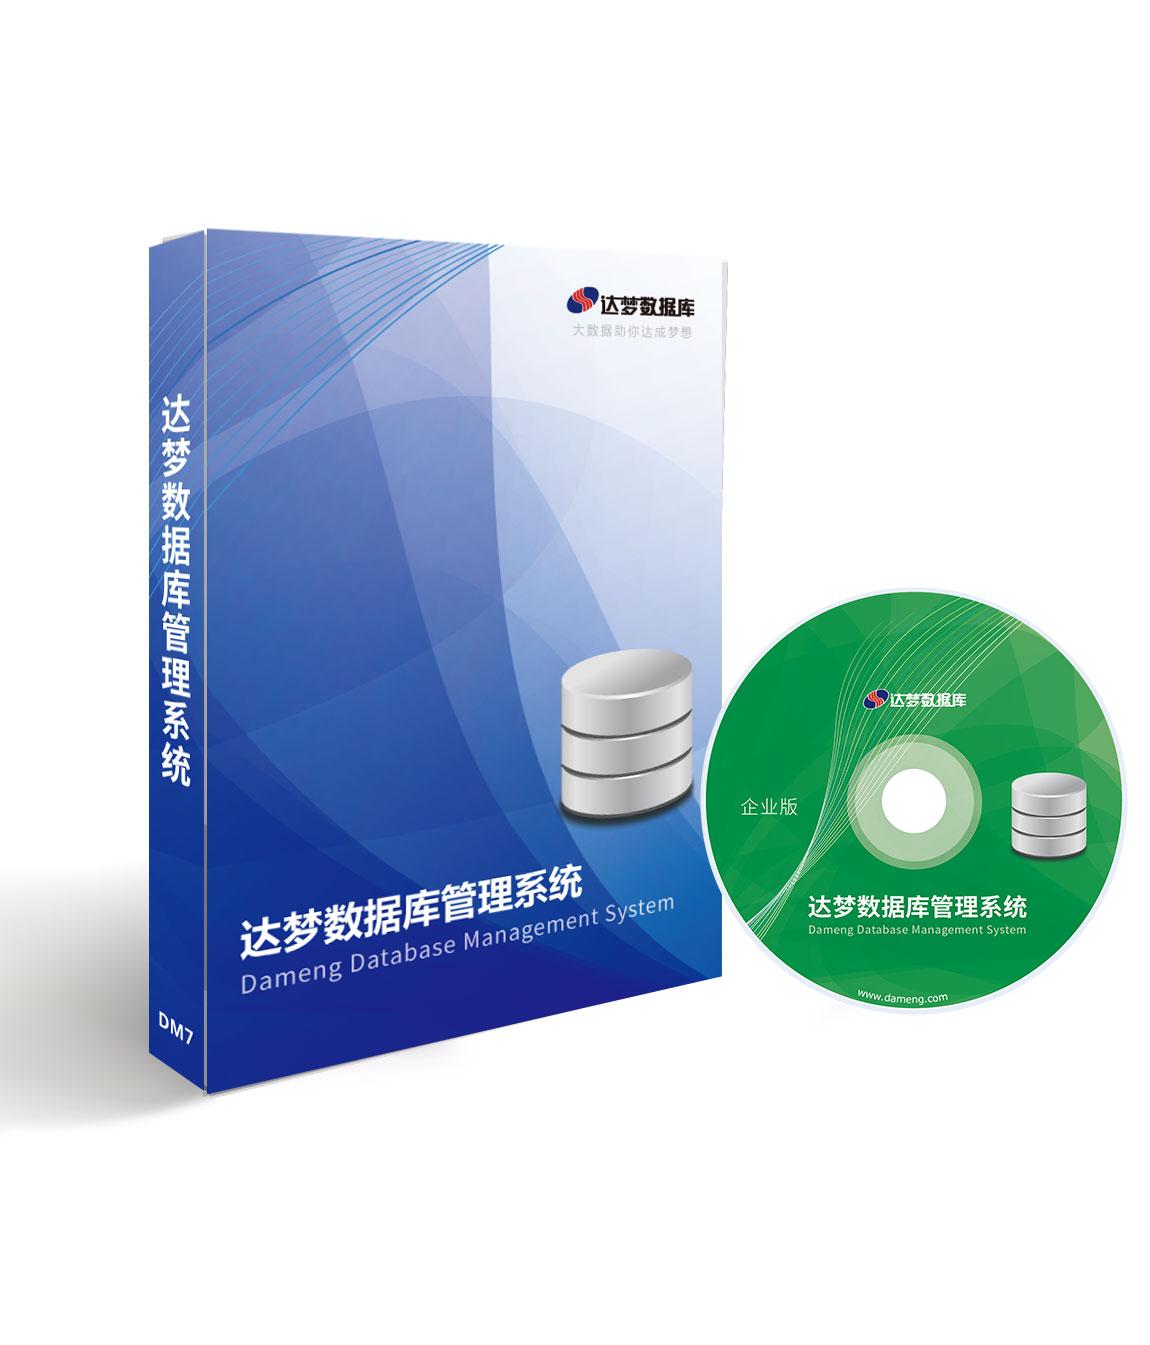 Damon database enterprise edition